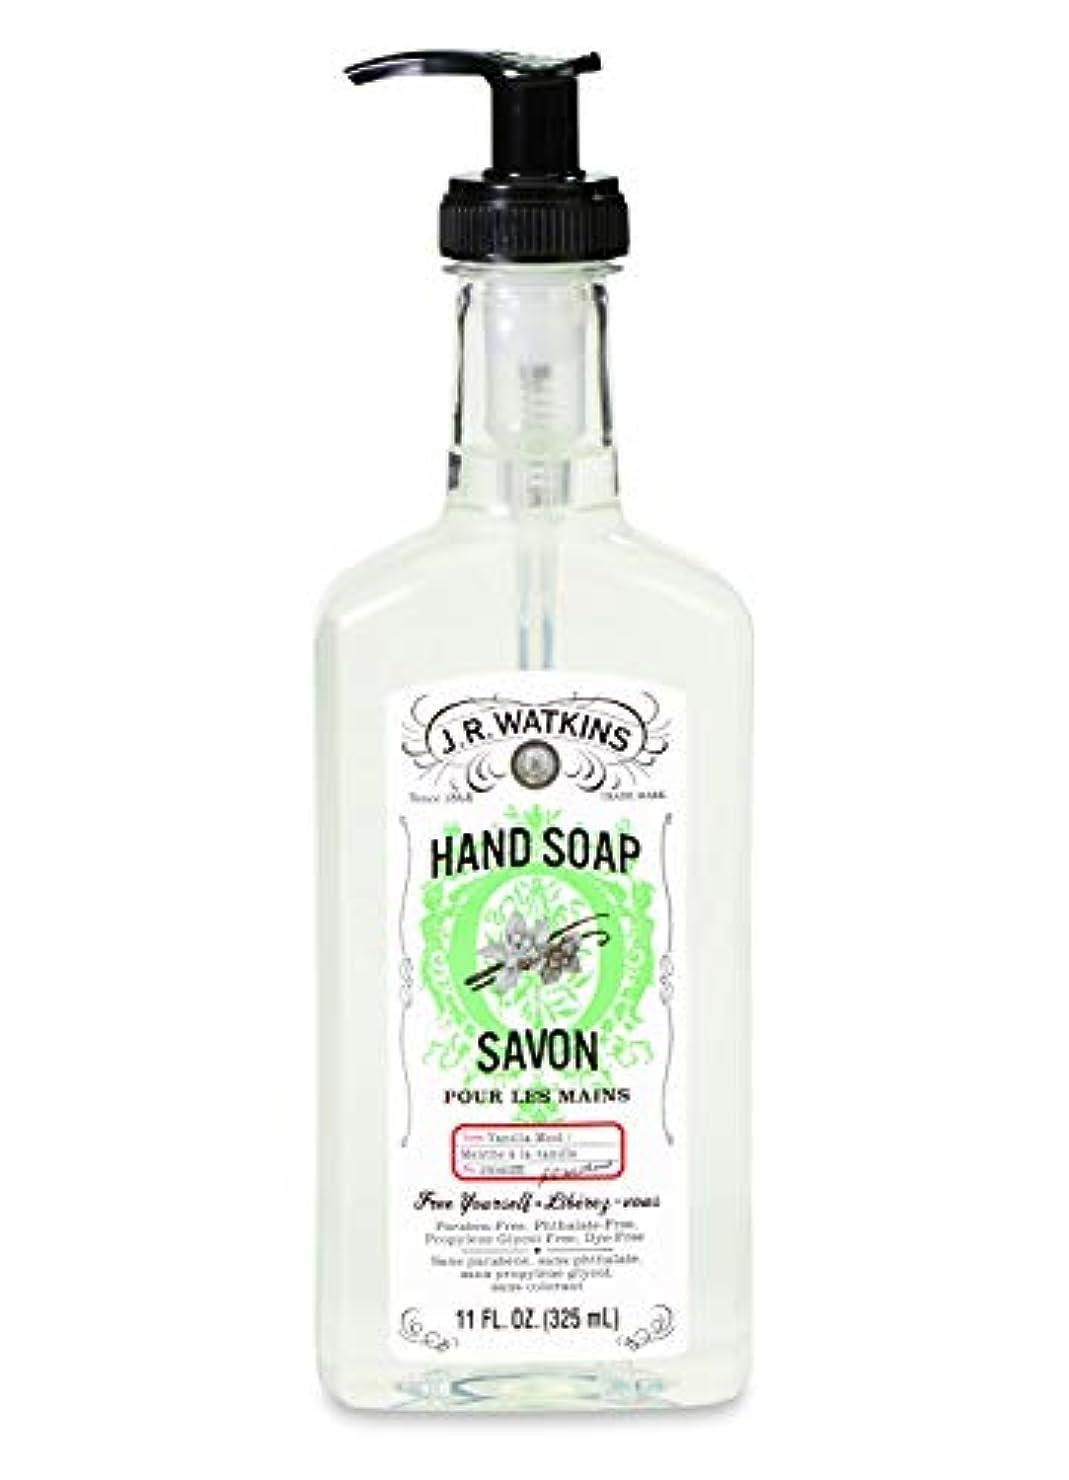 存在するいう有毒なJ.R.Watkins/ハンドソープ バニラミント 325ml リラックス 石鹸 植物由来 保湿 甘い香り